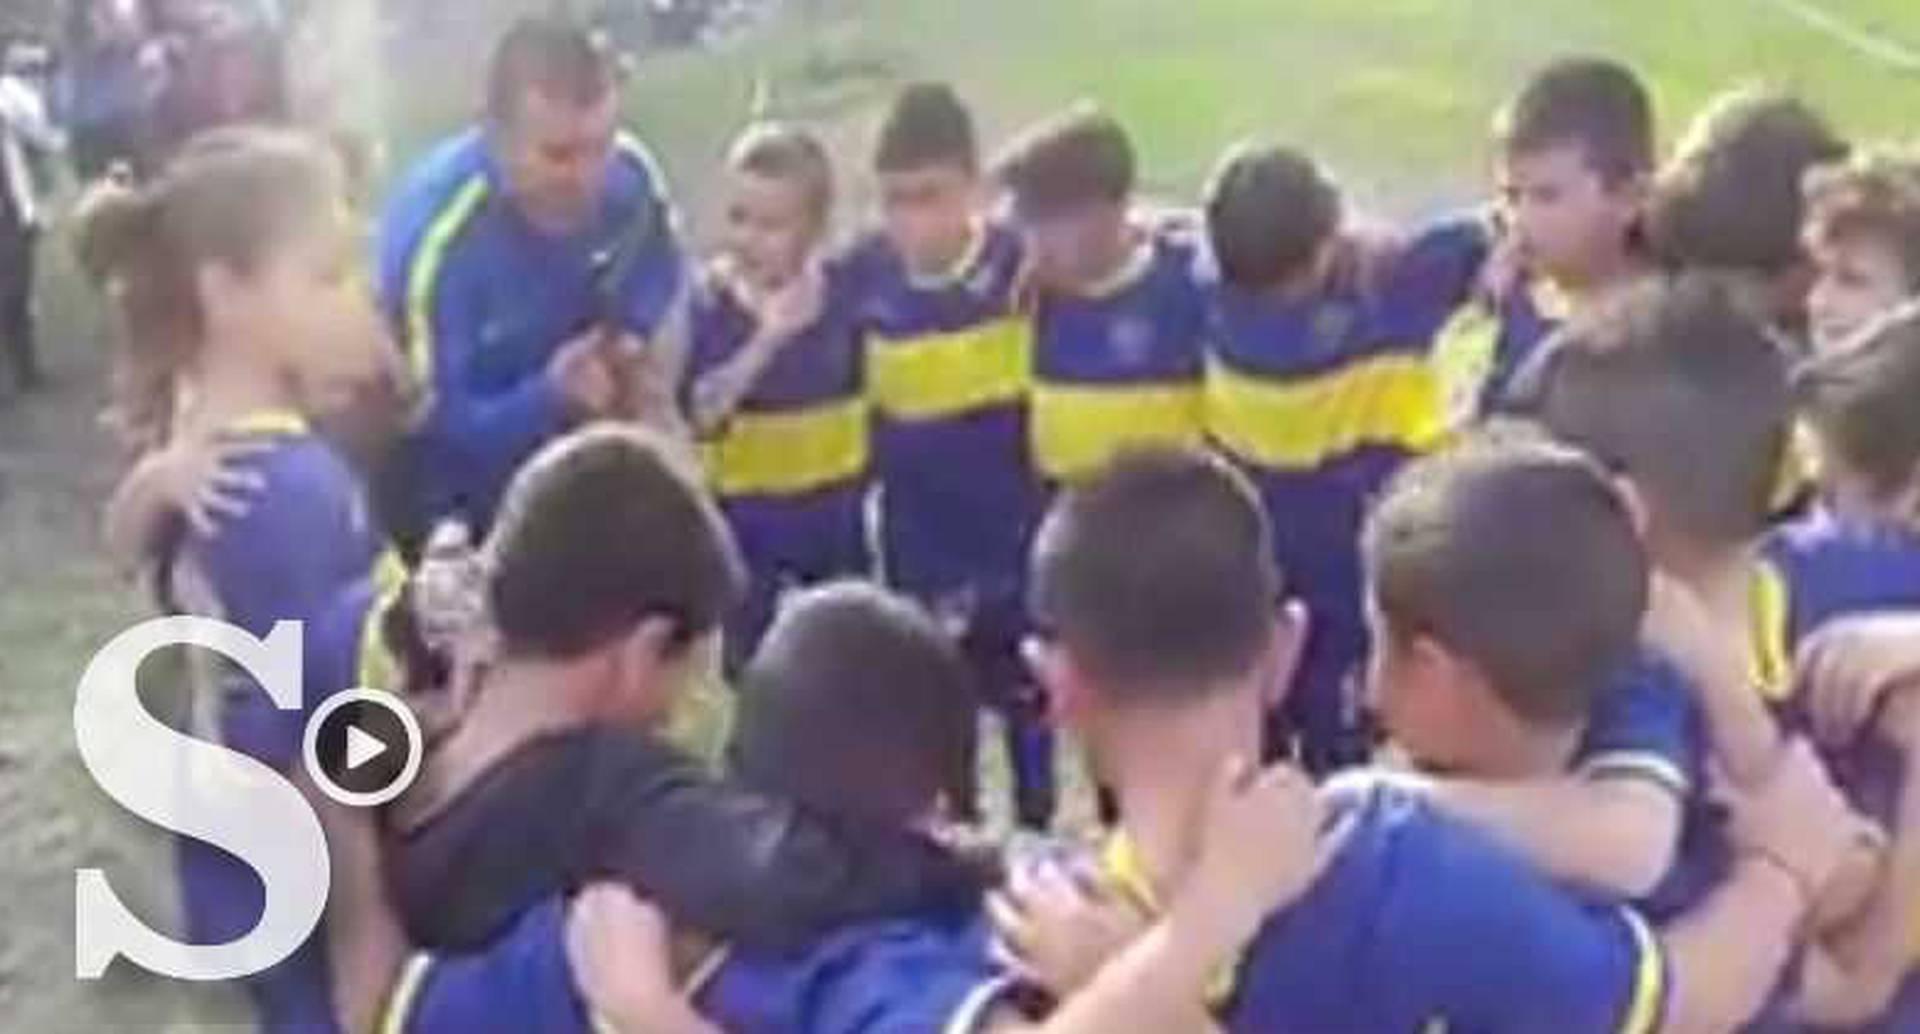 El video publicado por Boca Juniors se viralizó en cuestión de horas.